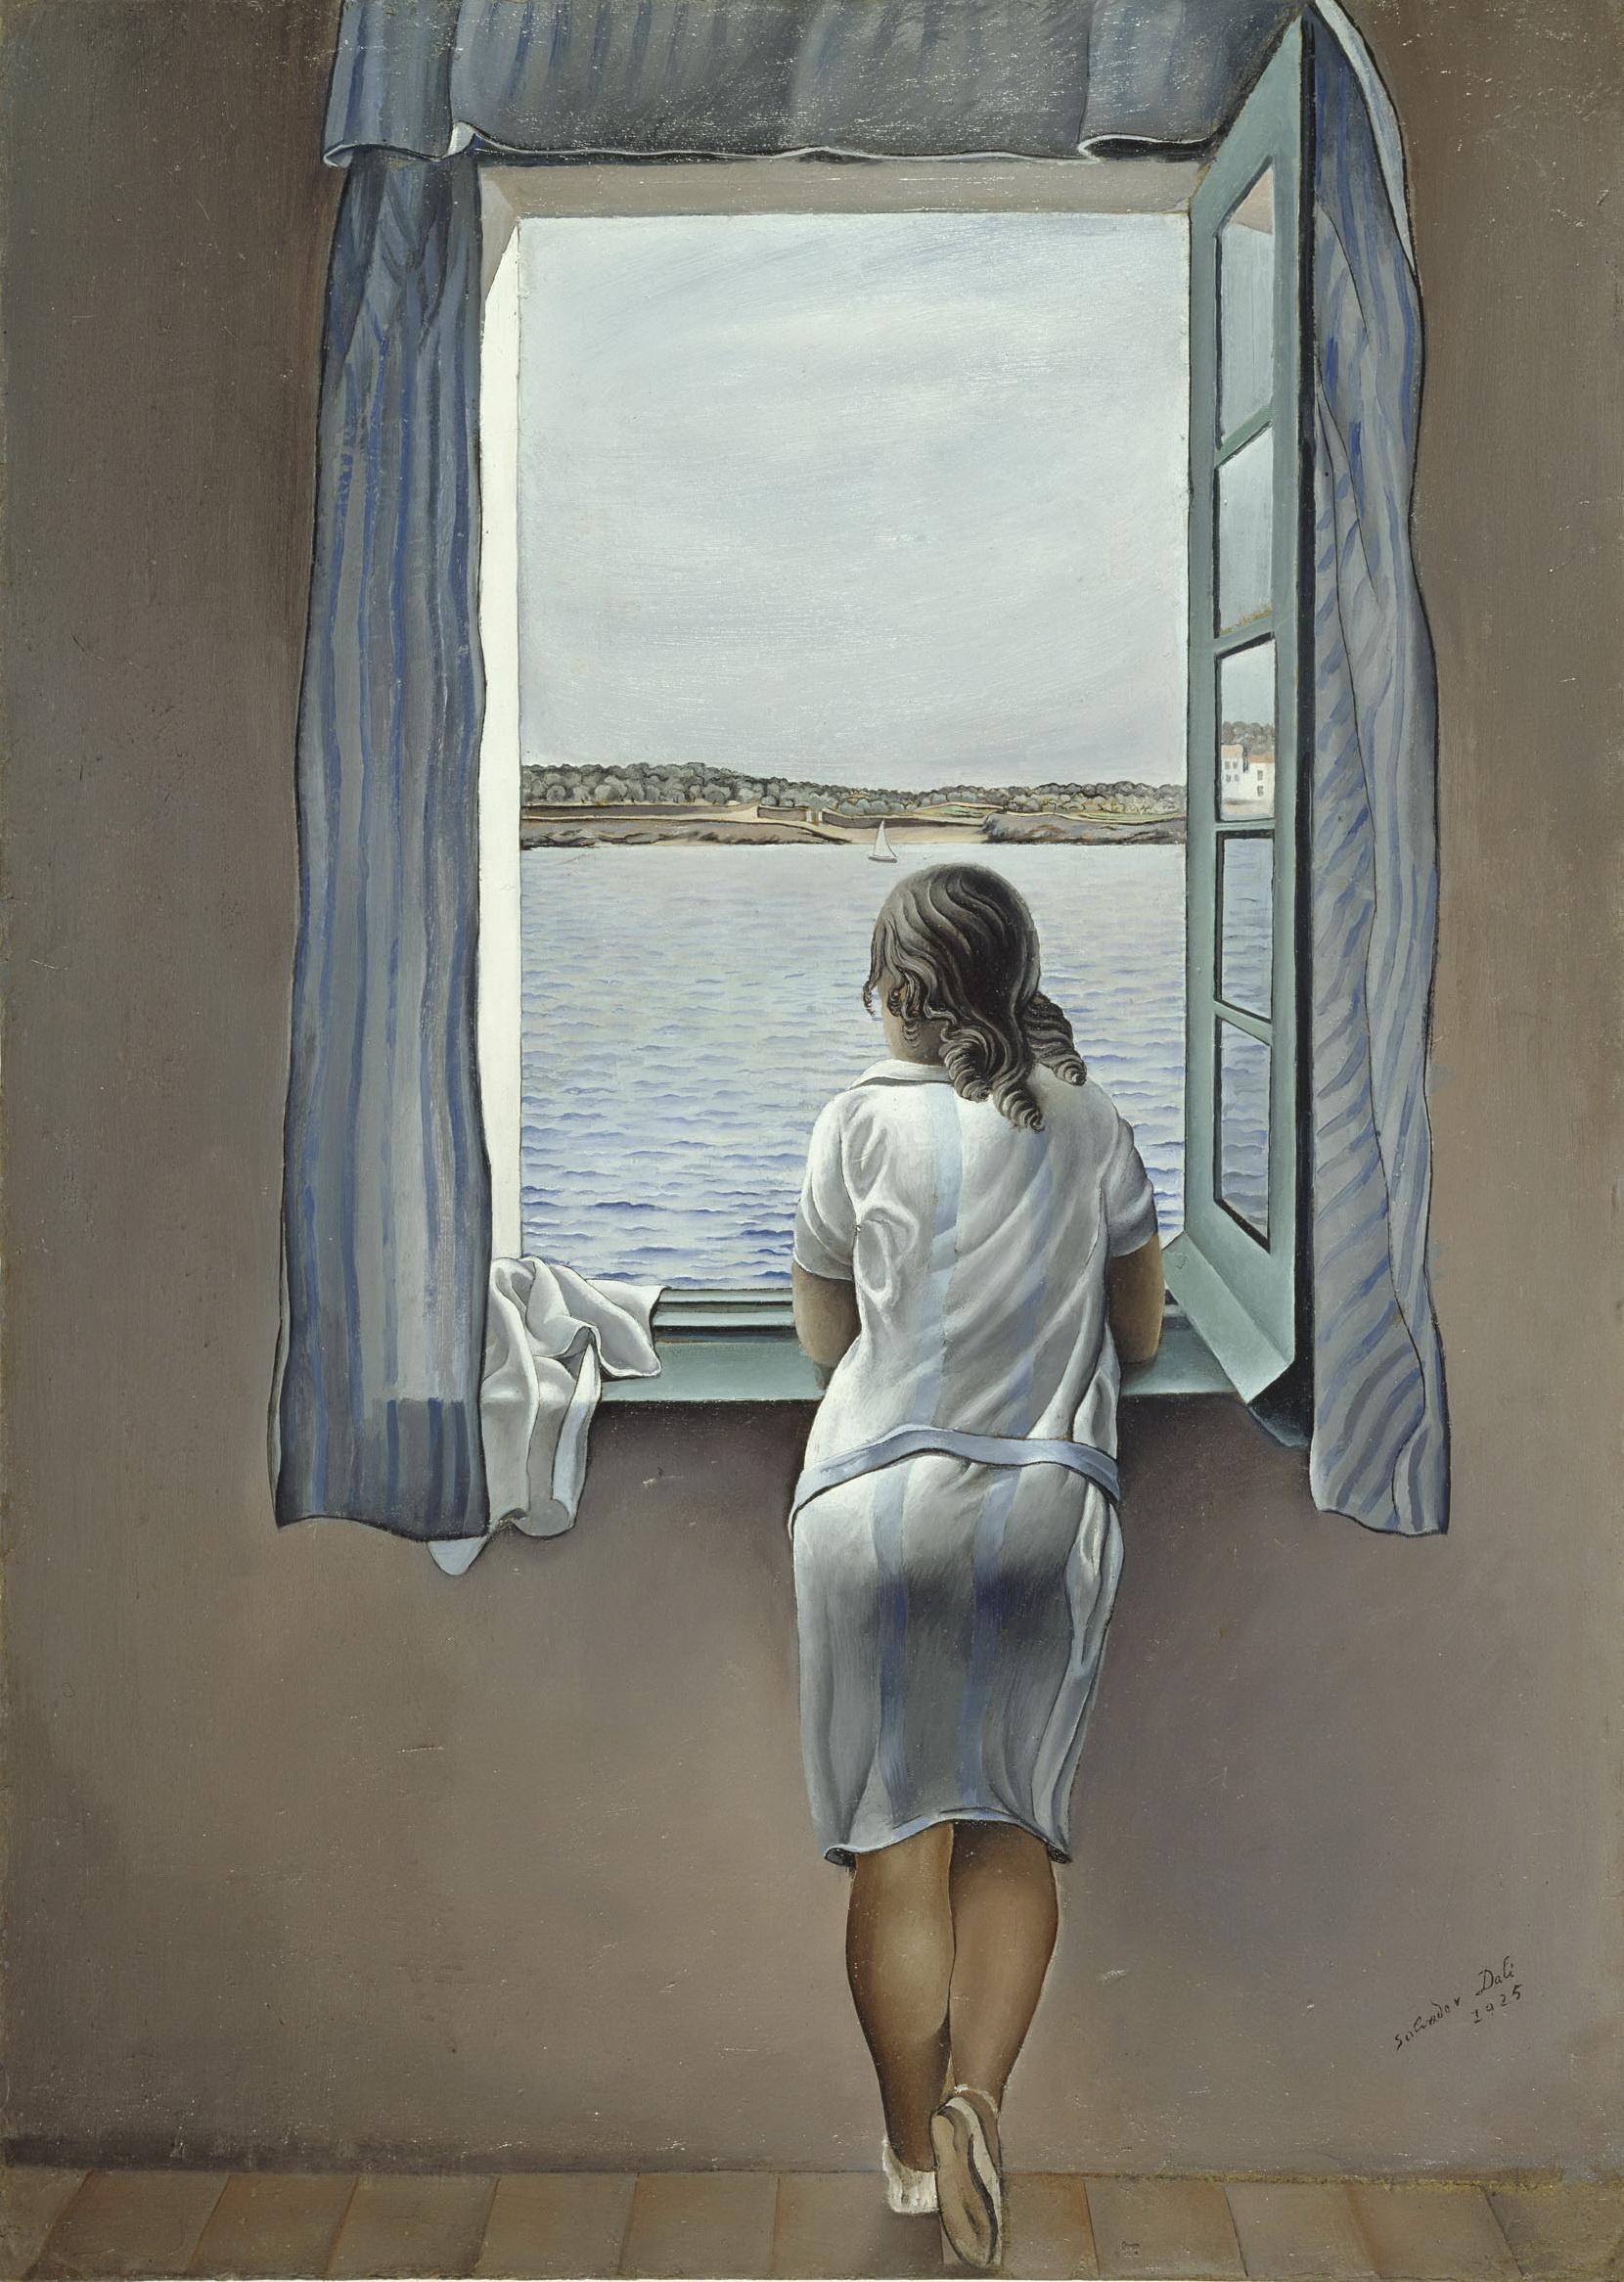 Фото девушки сидящей в окне спиной 6 фотография